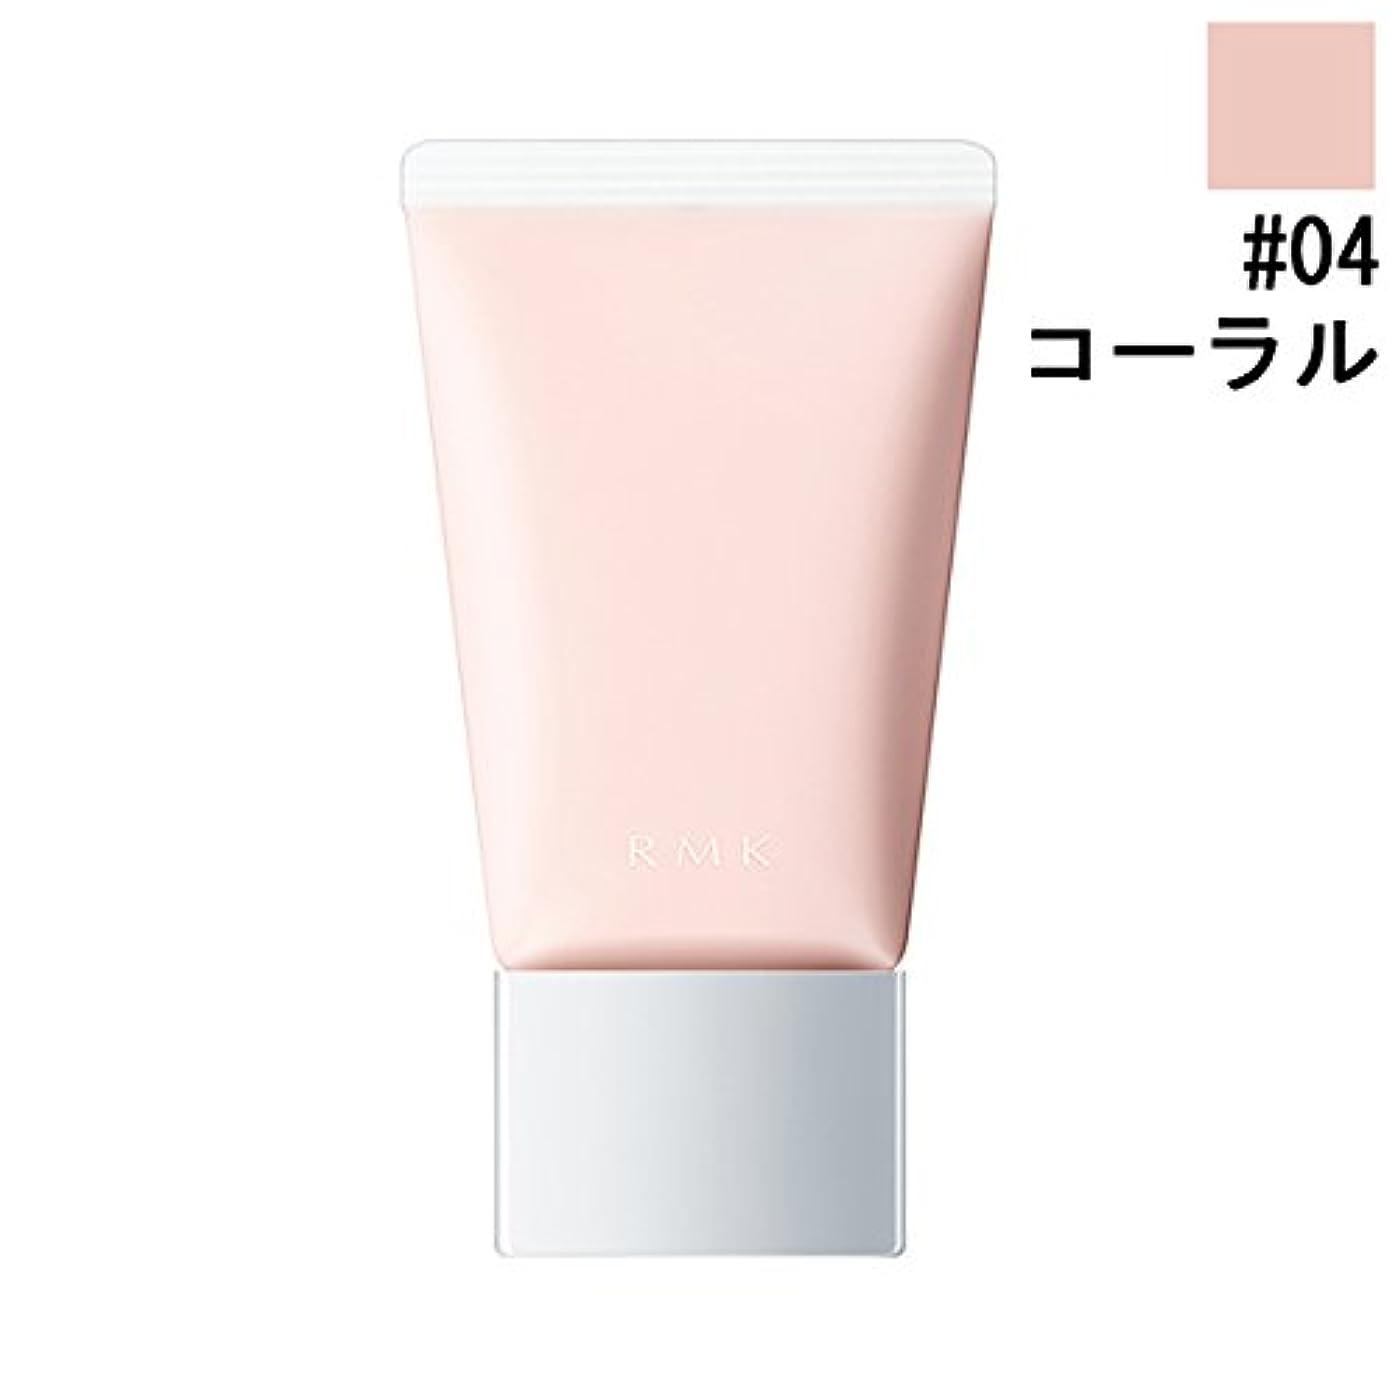 ポーター味方アラビア語【RMK (ルミコ)】ベーシック コントロールカラー N #04 コーラル 30g